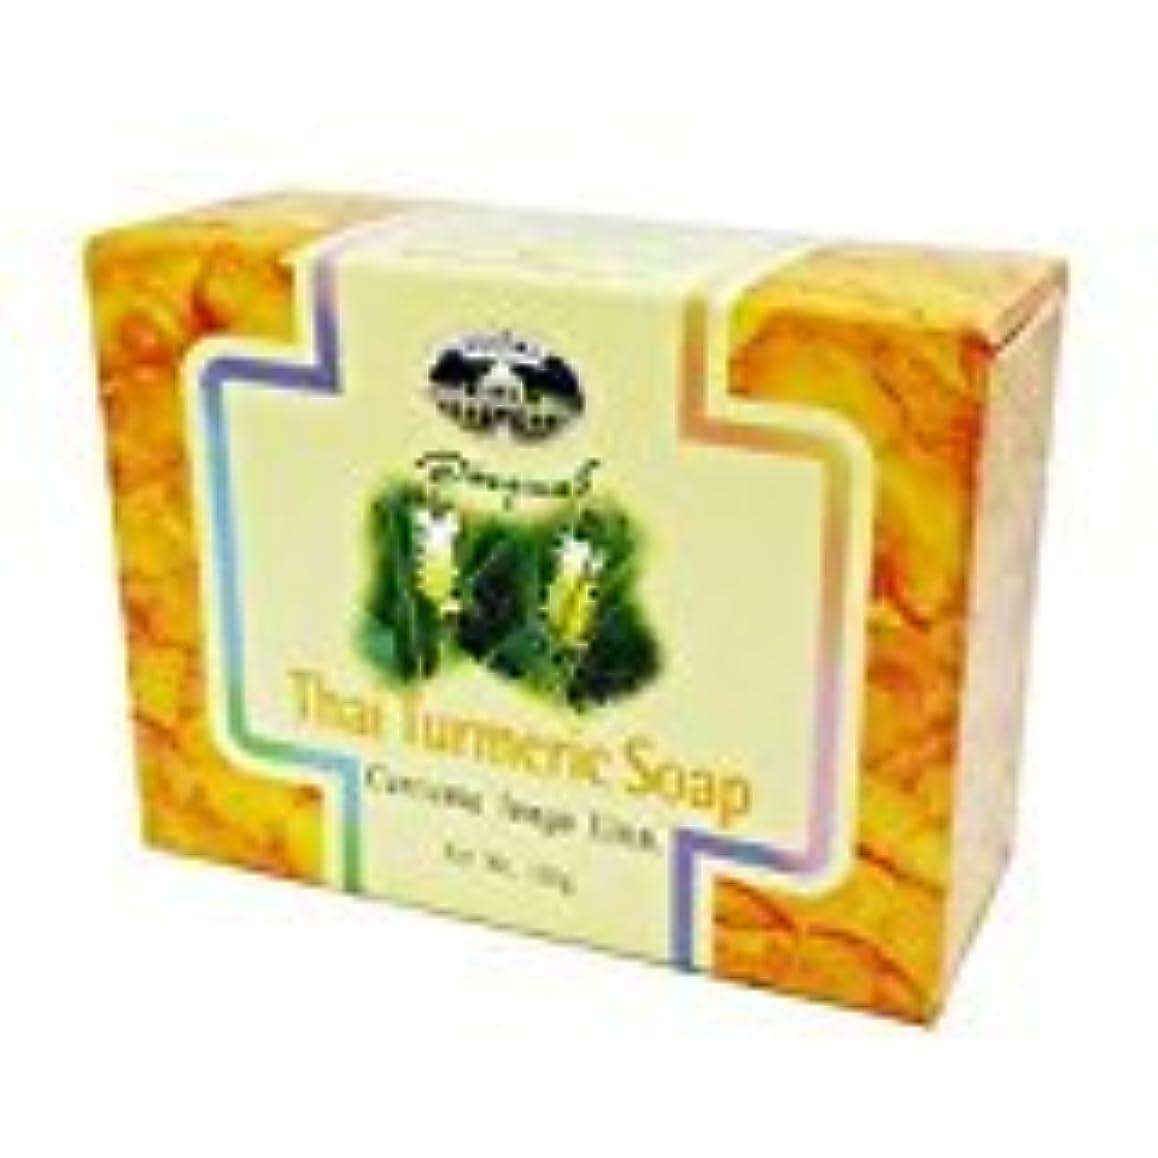 ピースワーム世界記録のギネスブックウコン石けん abhaibhubejhr Turmeric soap 100g